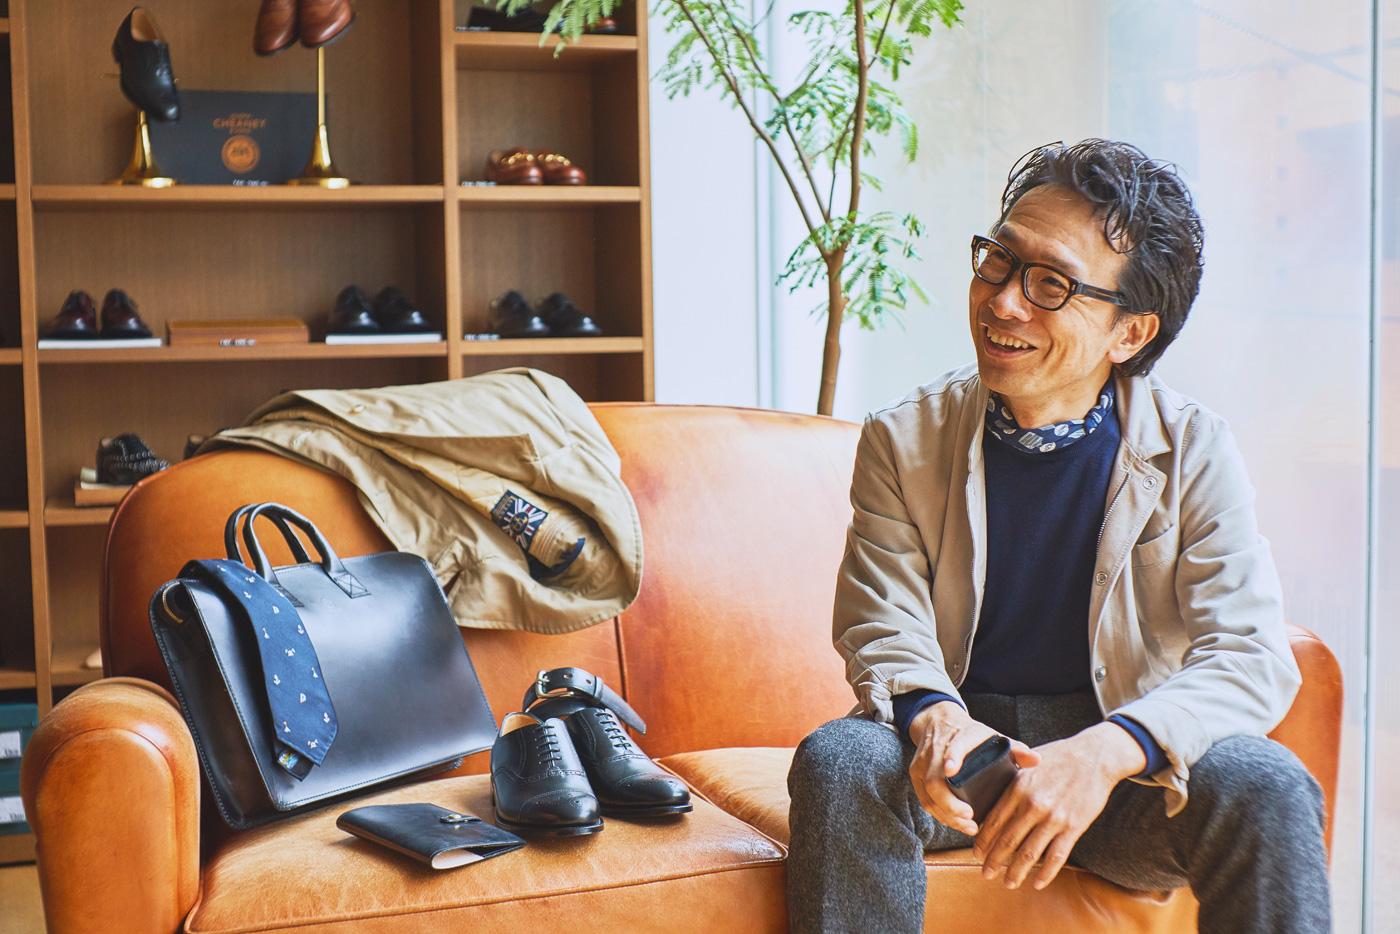 元『Begin』編集長・奥山泰広氏に学ぶ、春夏のビジネススタイルと英国製品の相性